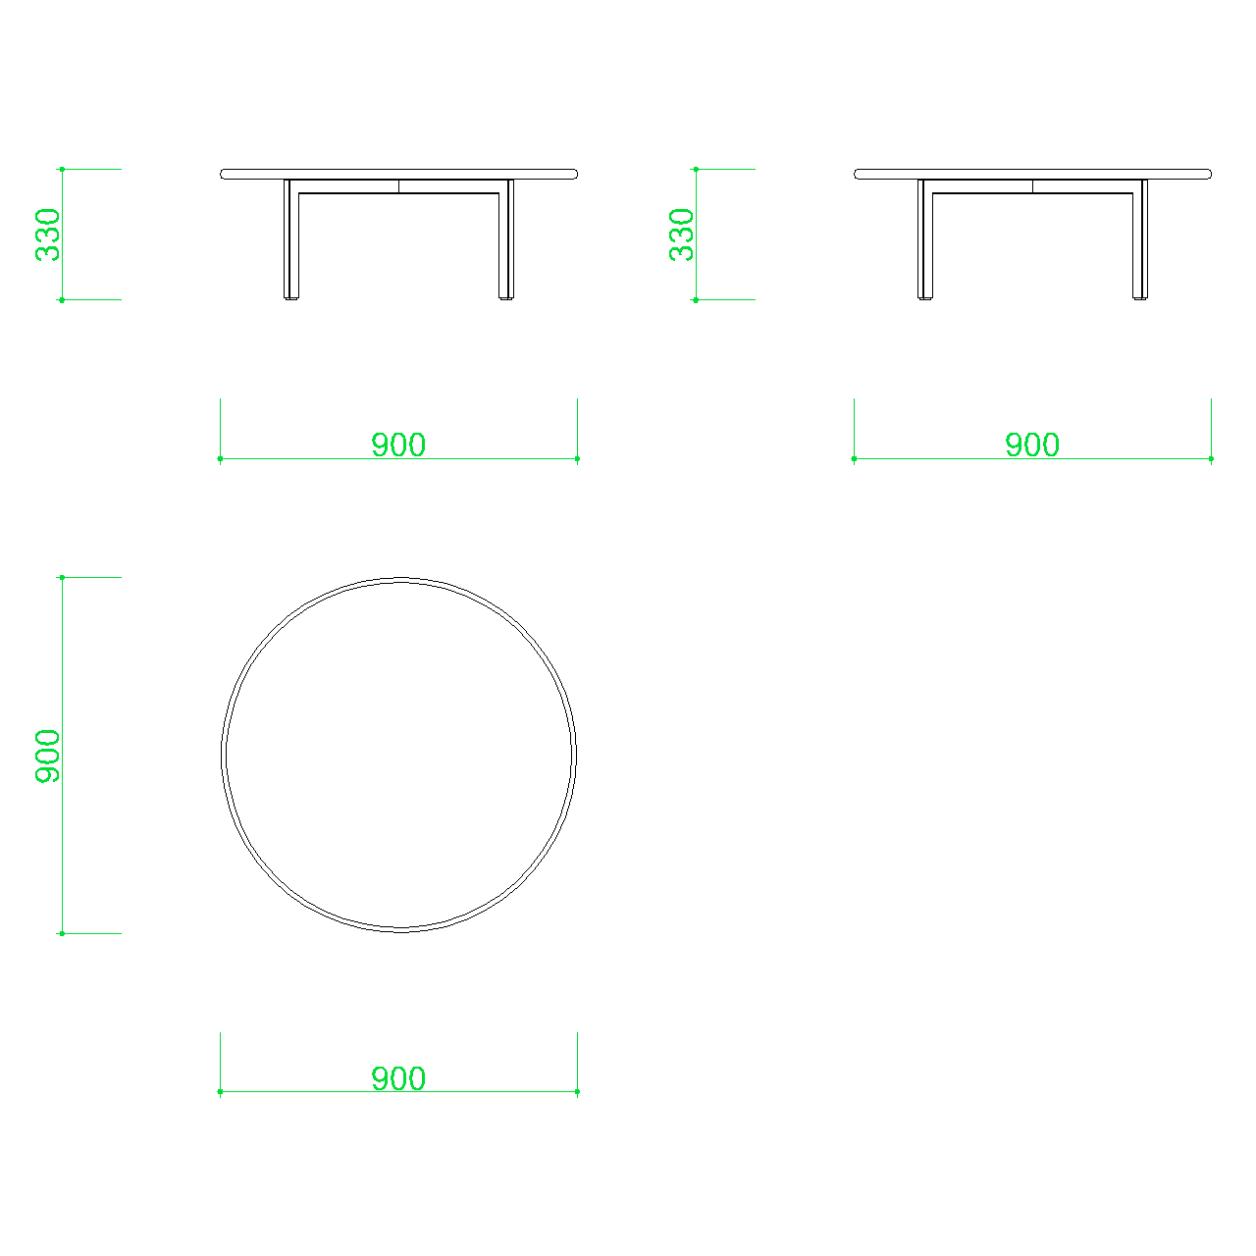 丸いローテーブルの2DCAD部品丨インテリア,家具,寸法丨無料,商用可能,フリー素材,フリーデータ,AUTOCAD,DWG,DXF